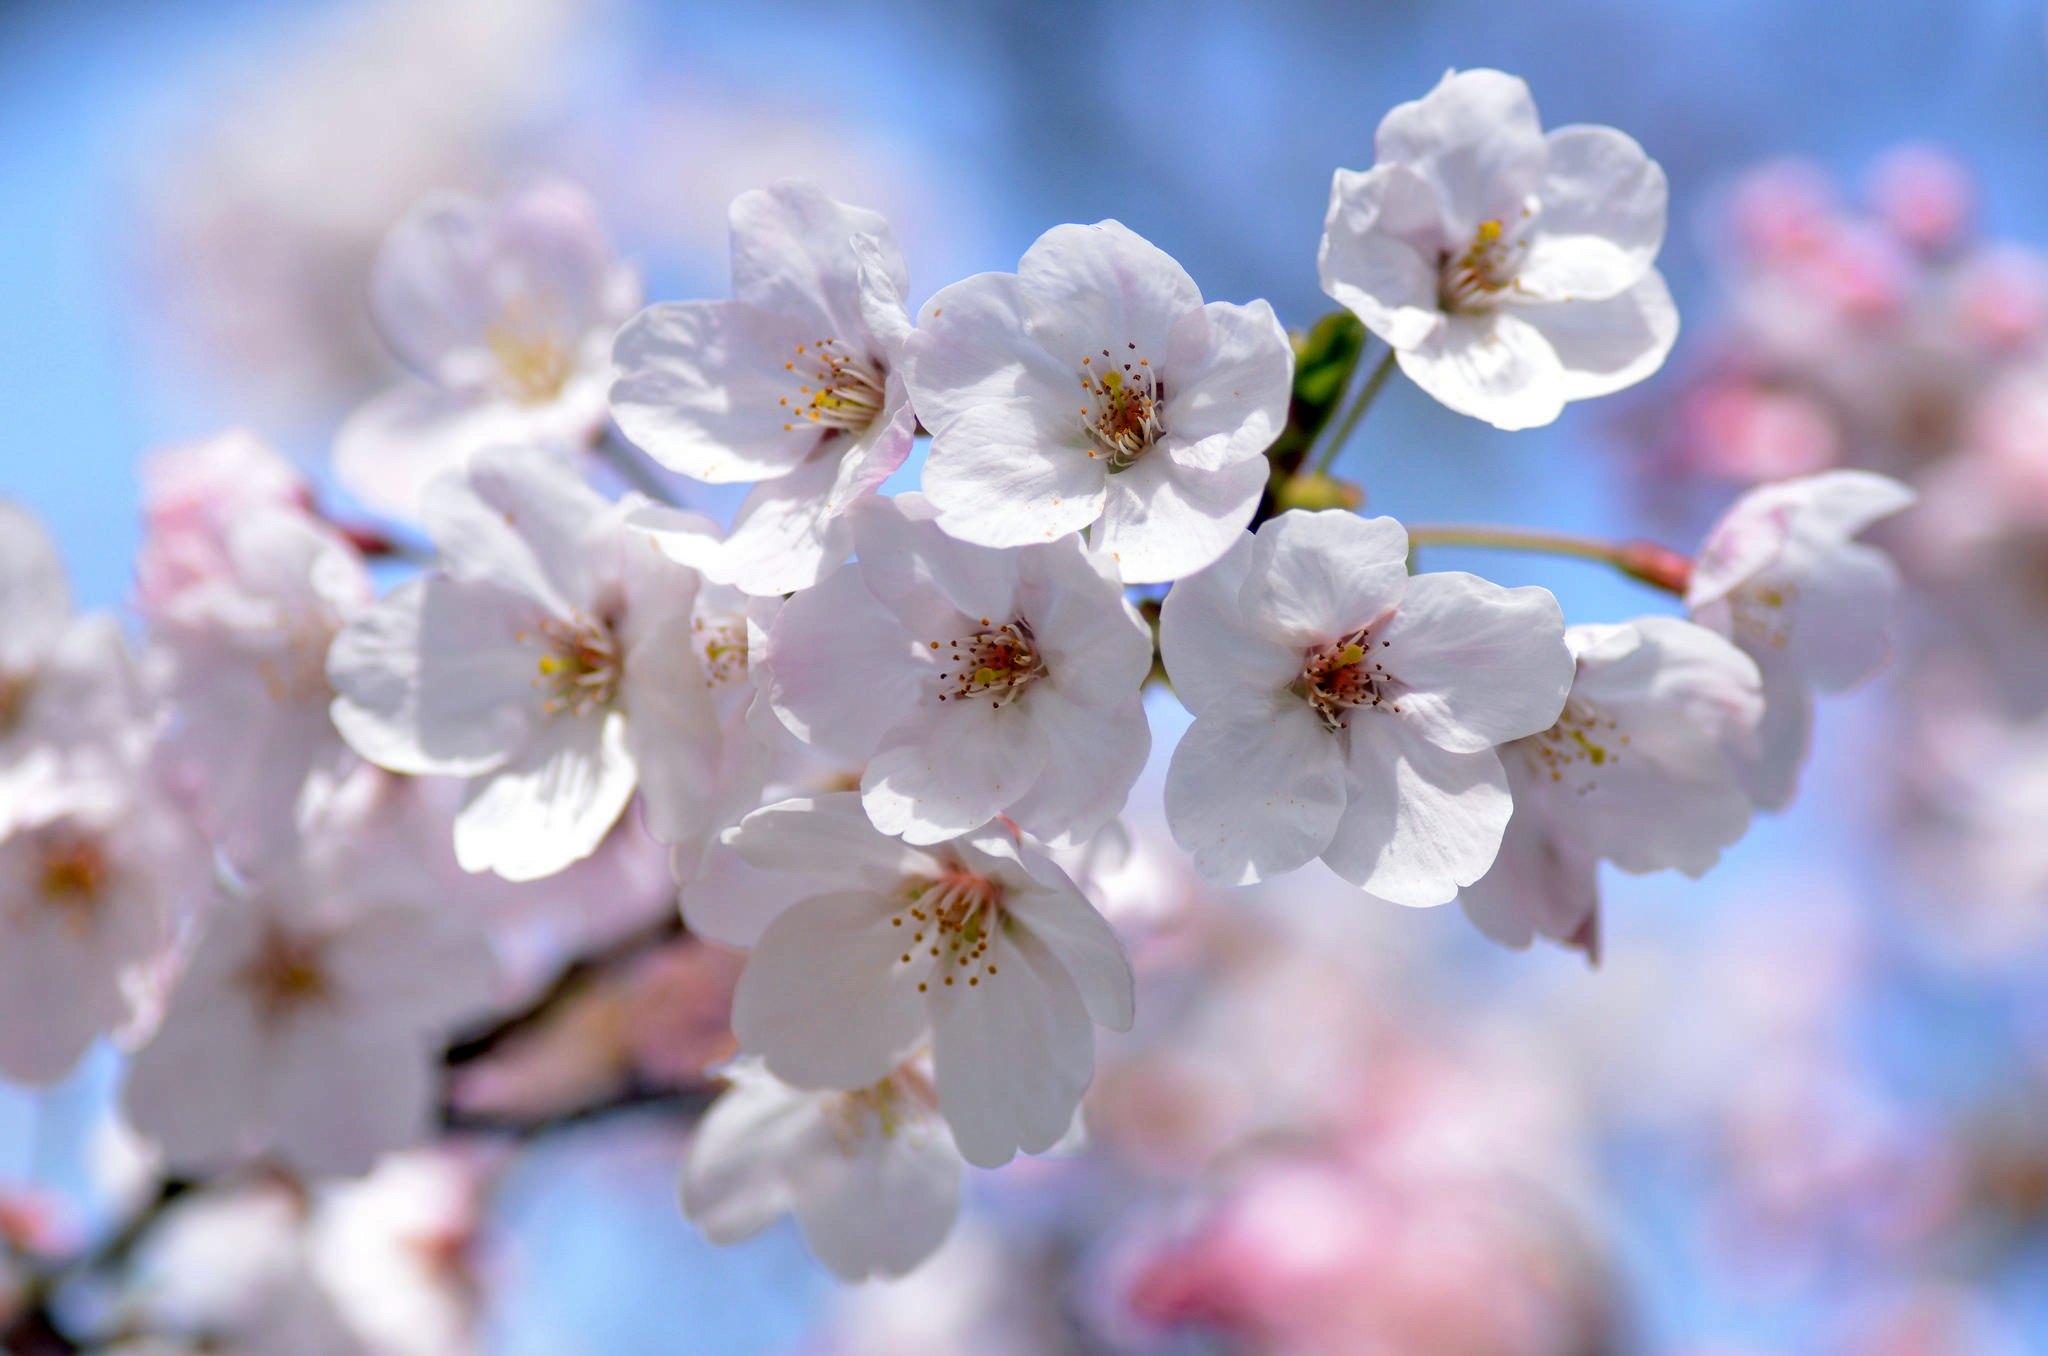 ветка цветущей вишни фото каждой зоне